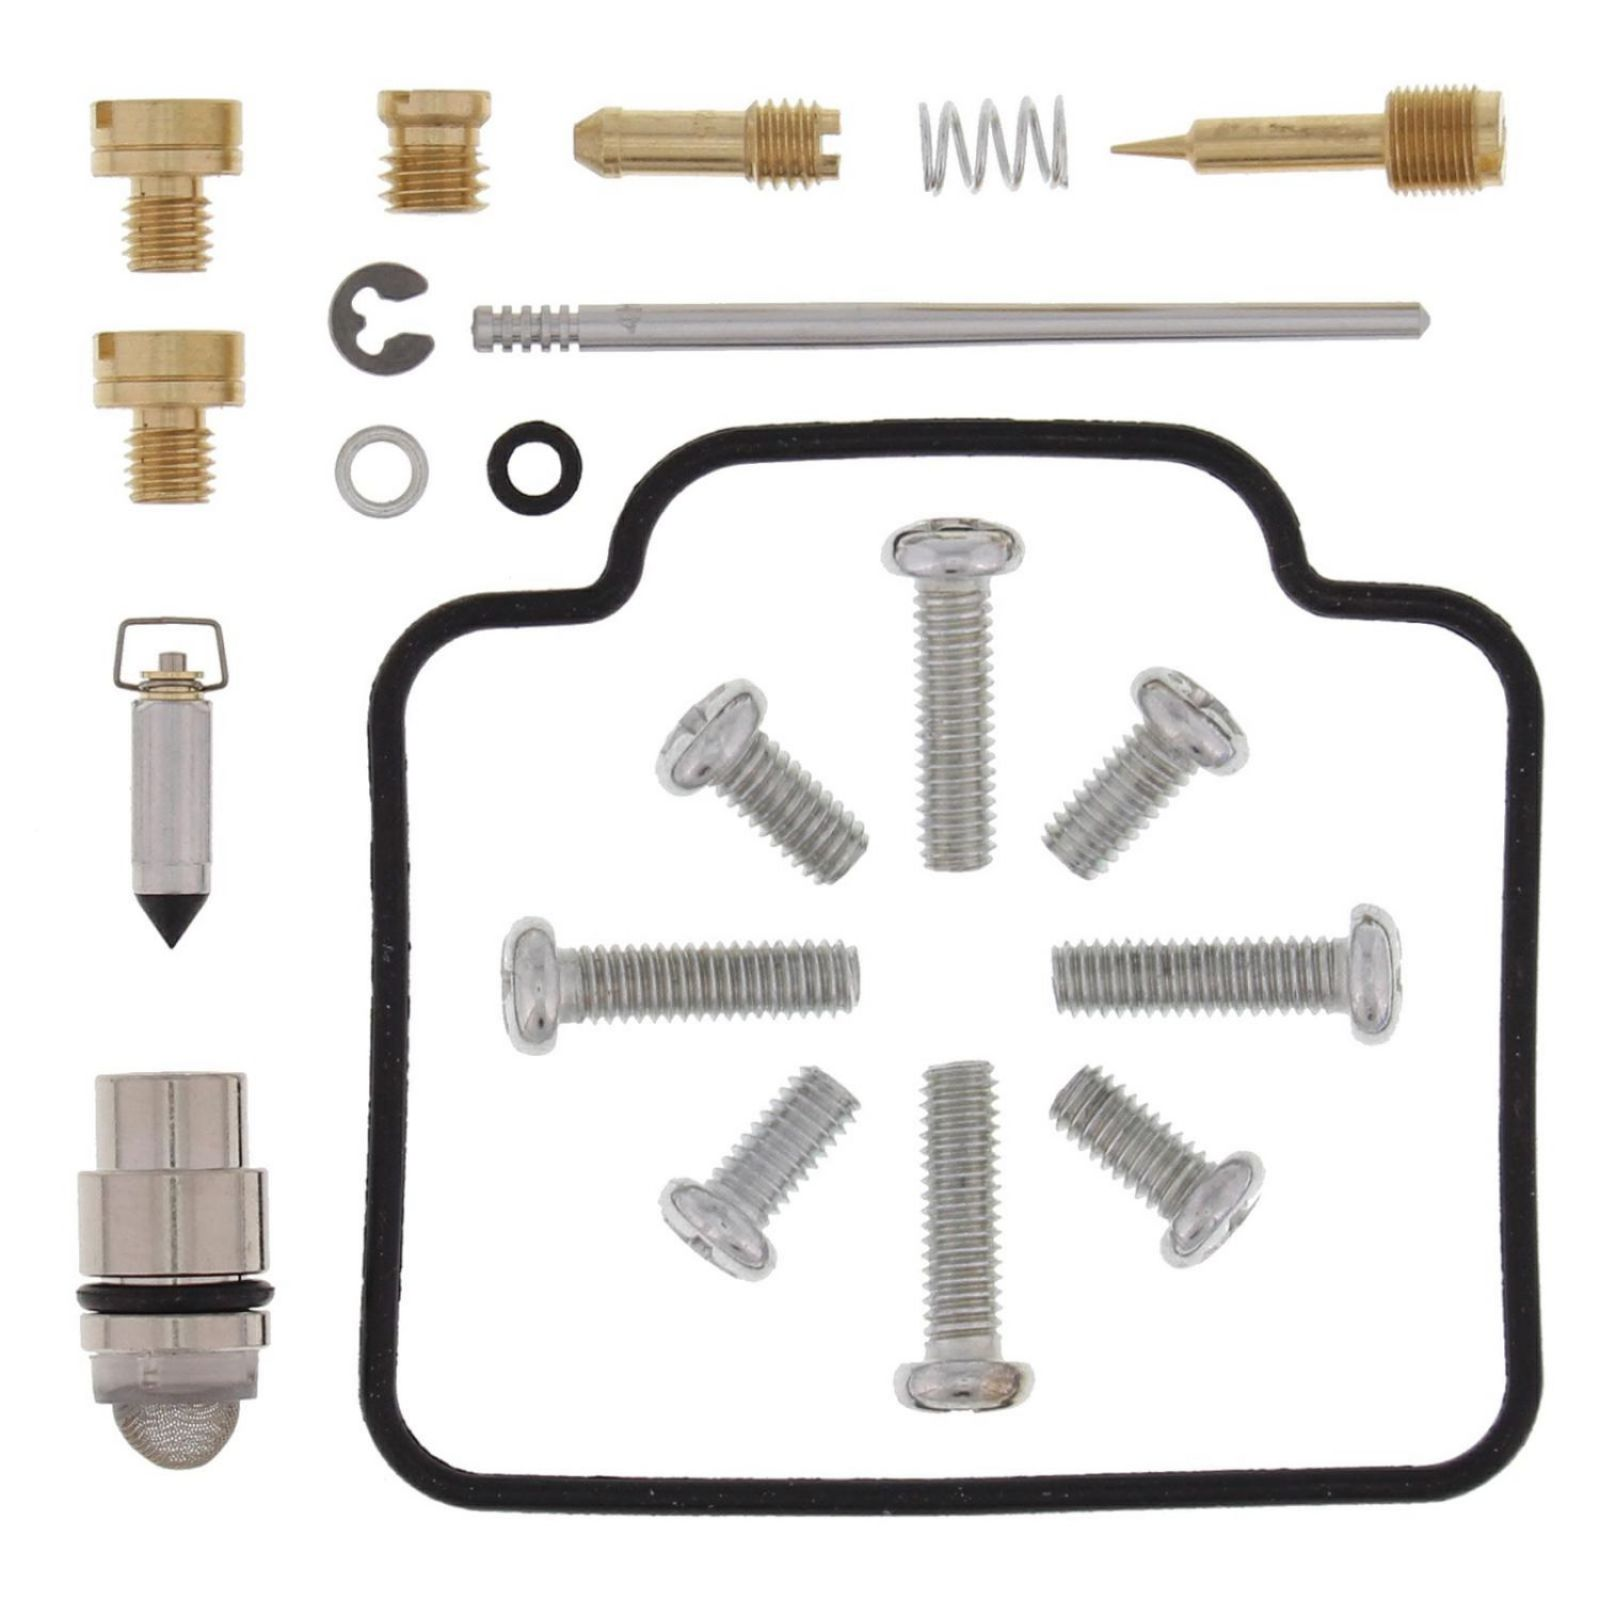 WRP Carb Repair Kits - WRP261022 image